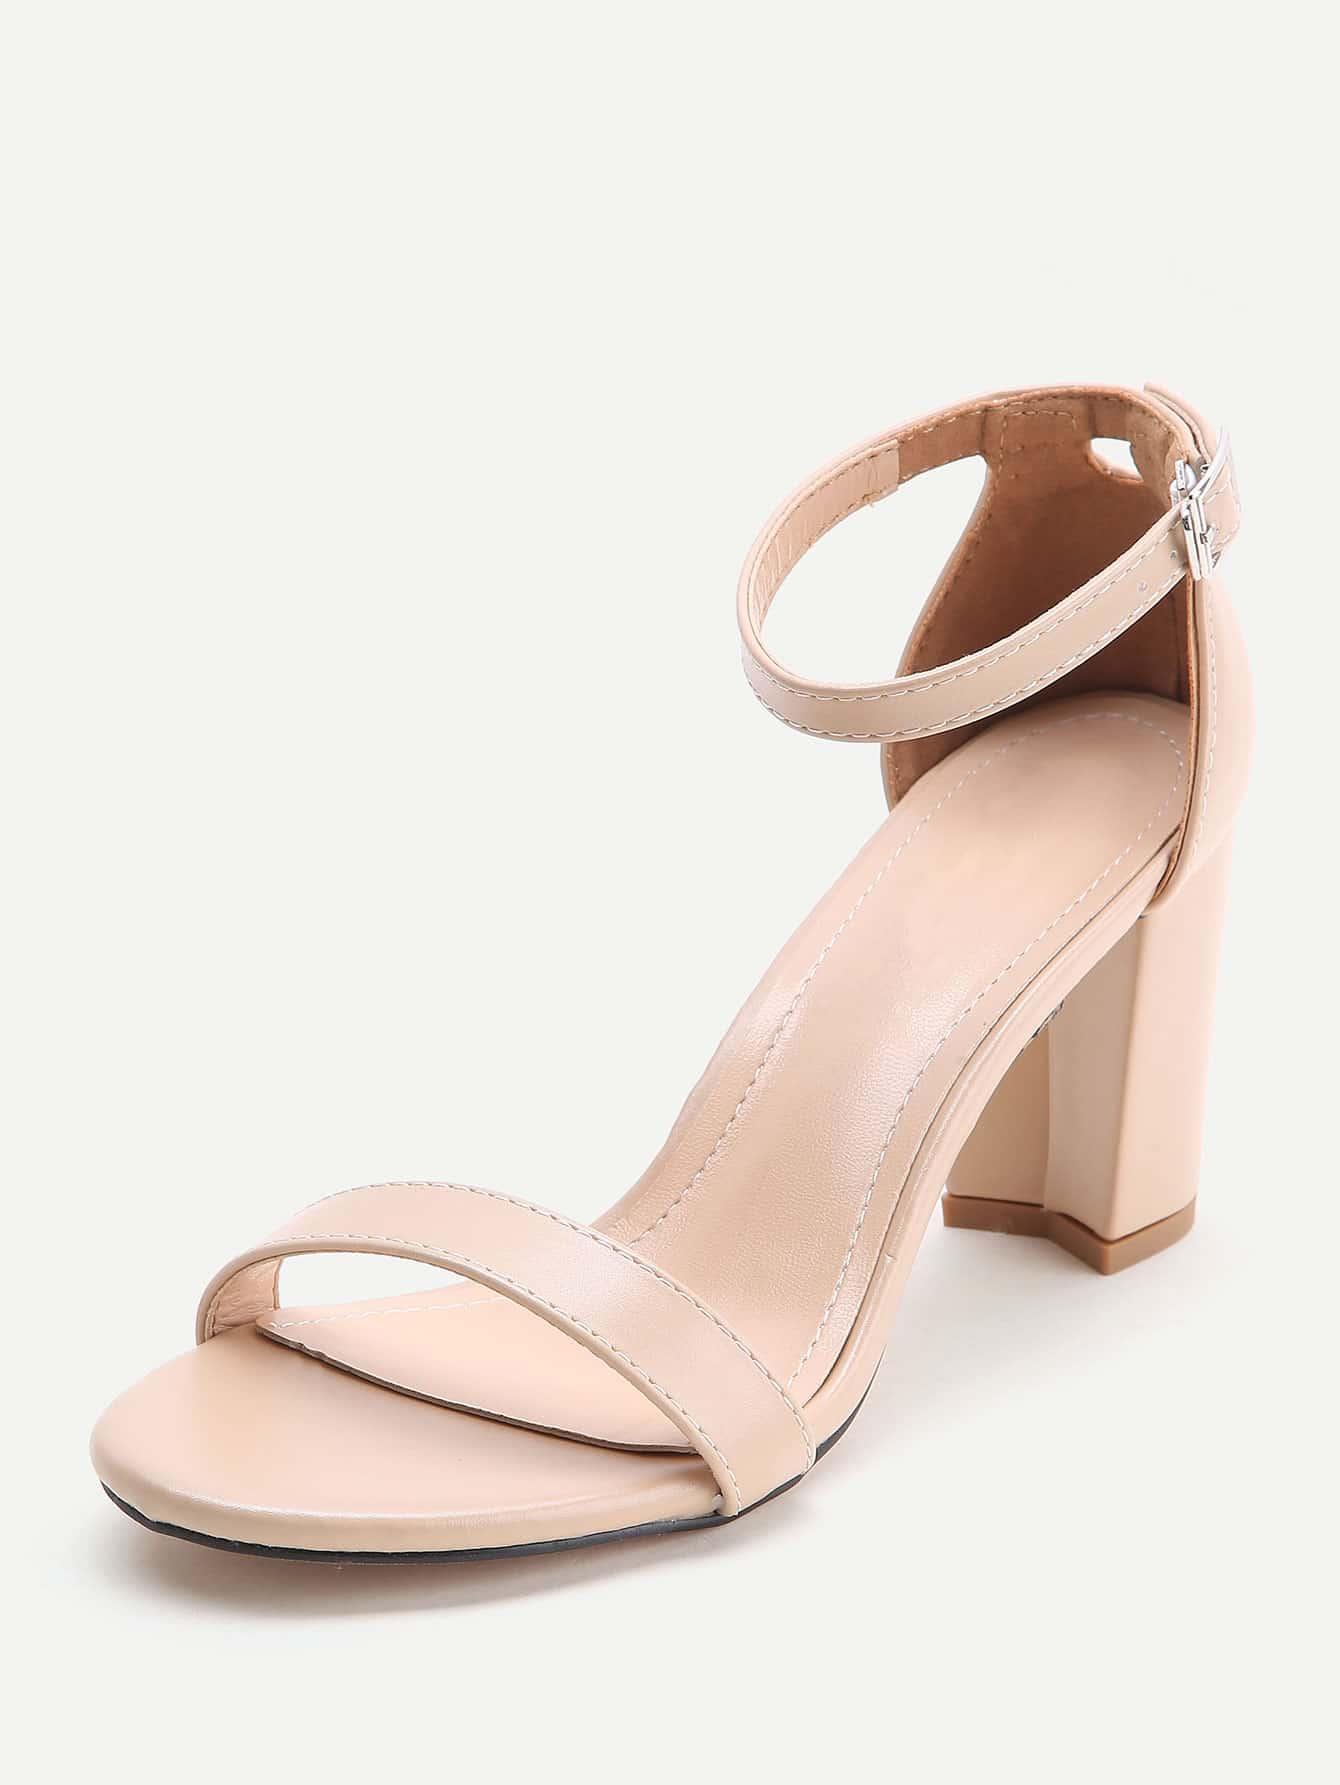 shoes170413809_2